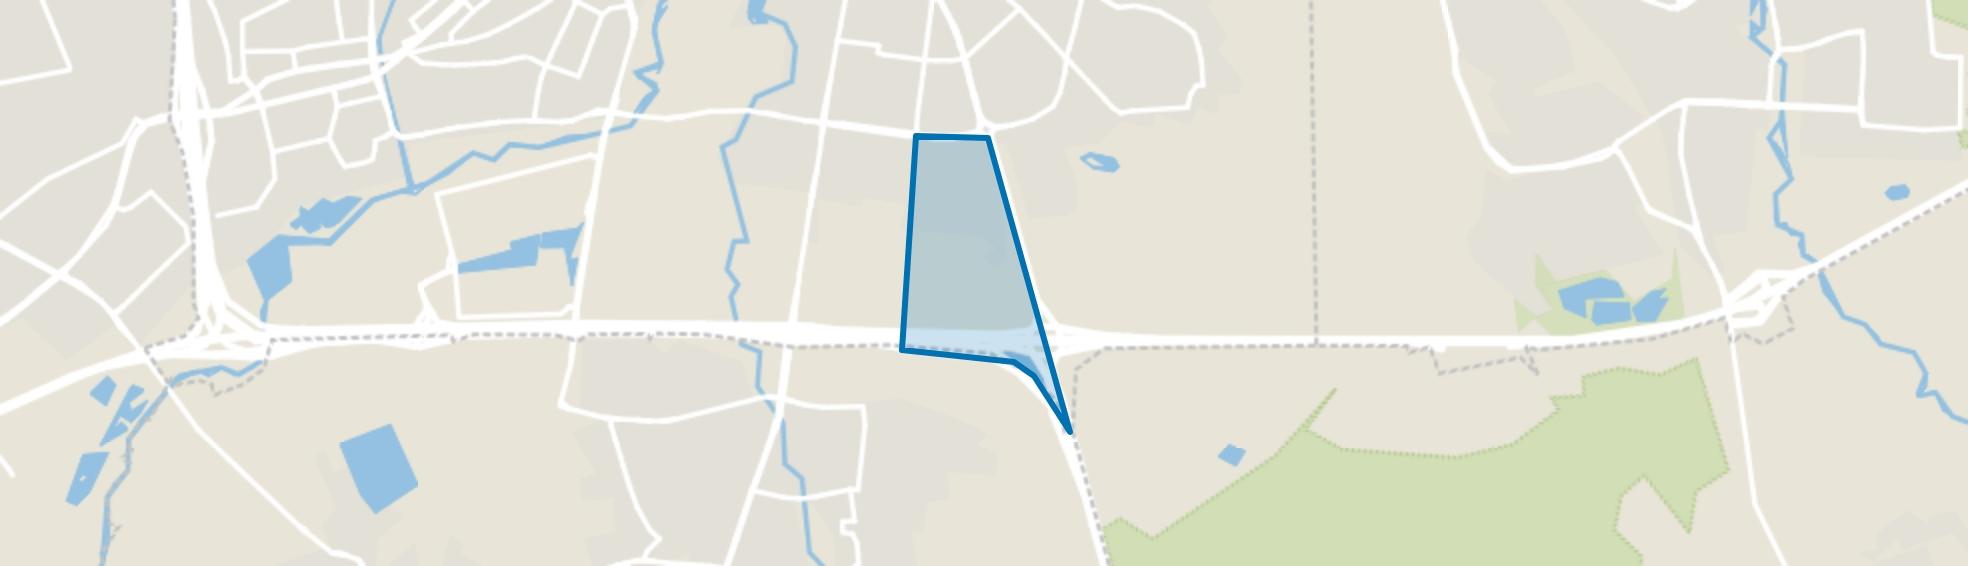 Roosten, Eindhoven map